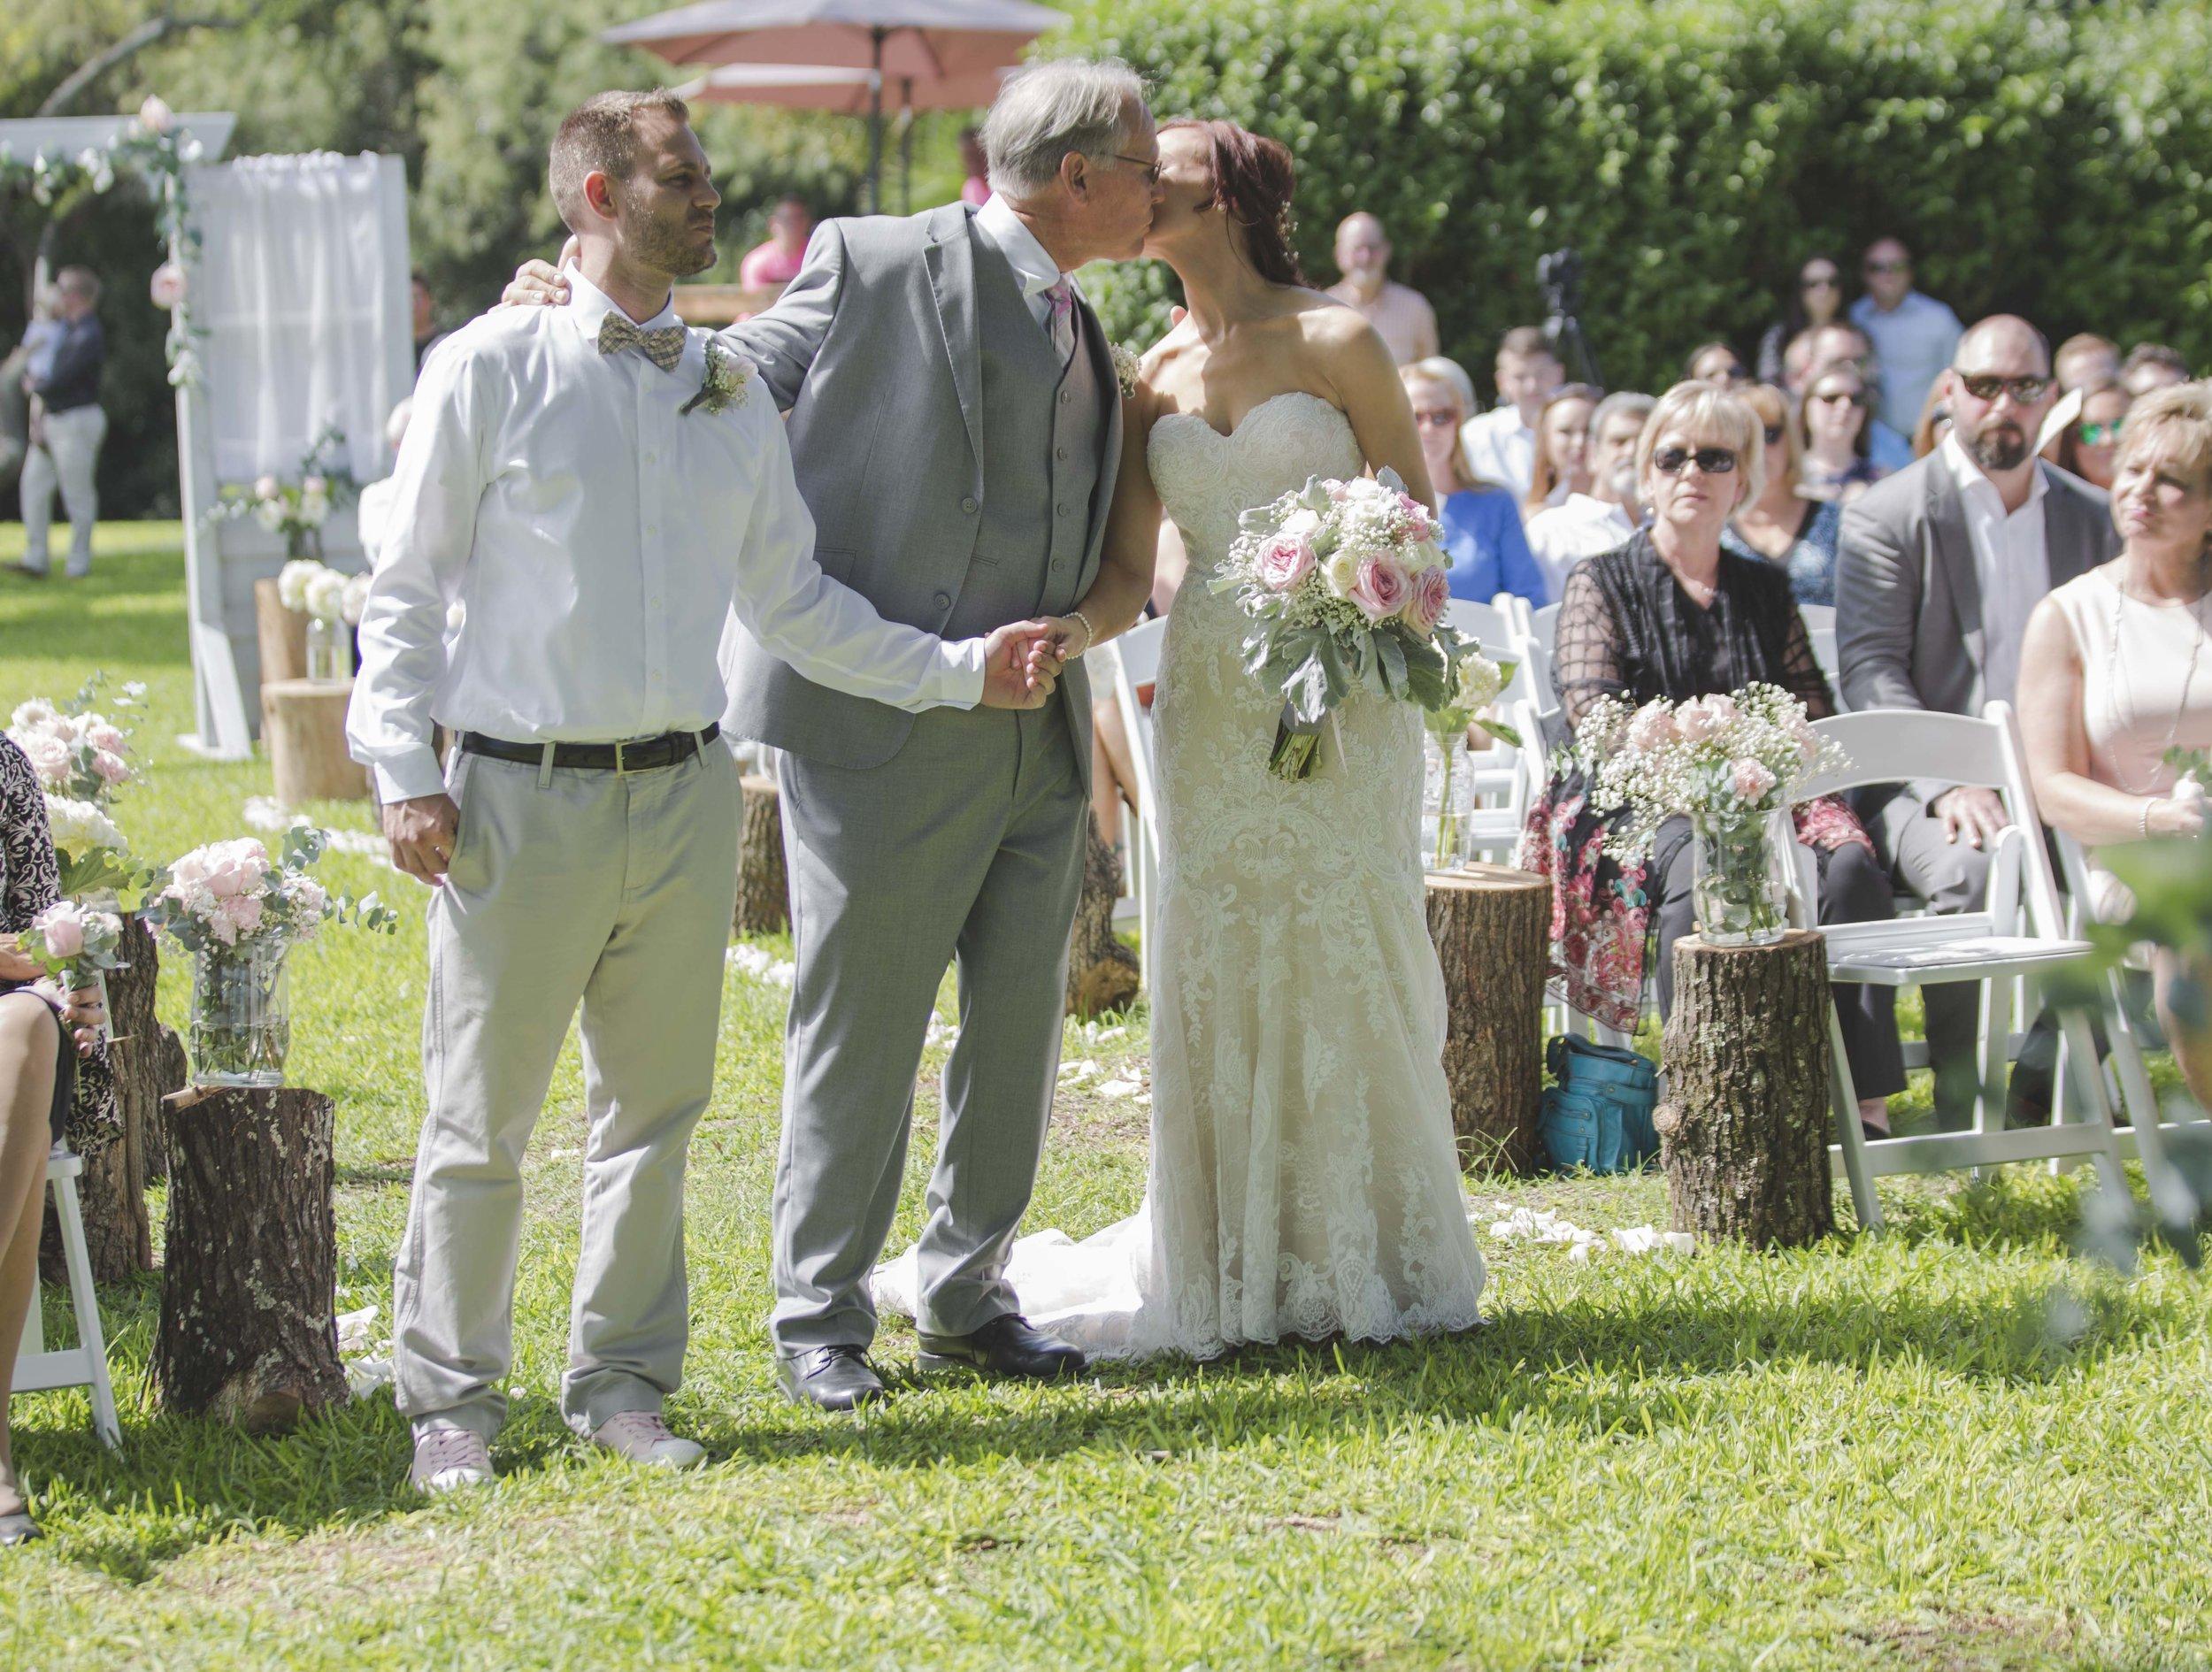 ATGI_Susanna & Matt Wedding_717A7628.jpg